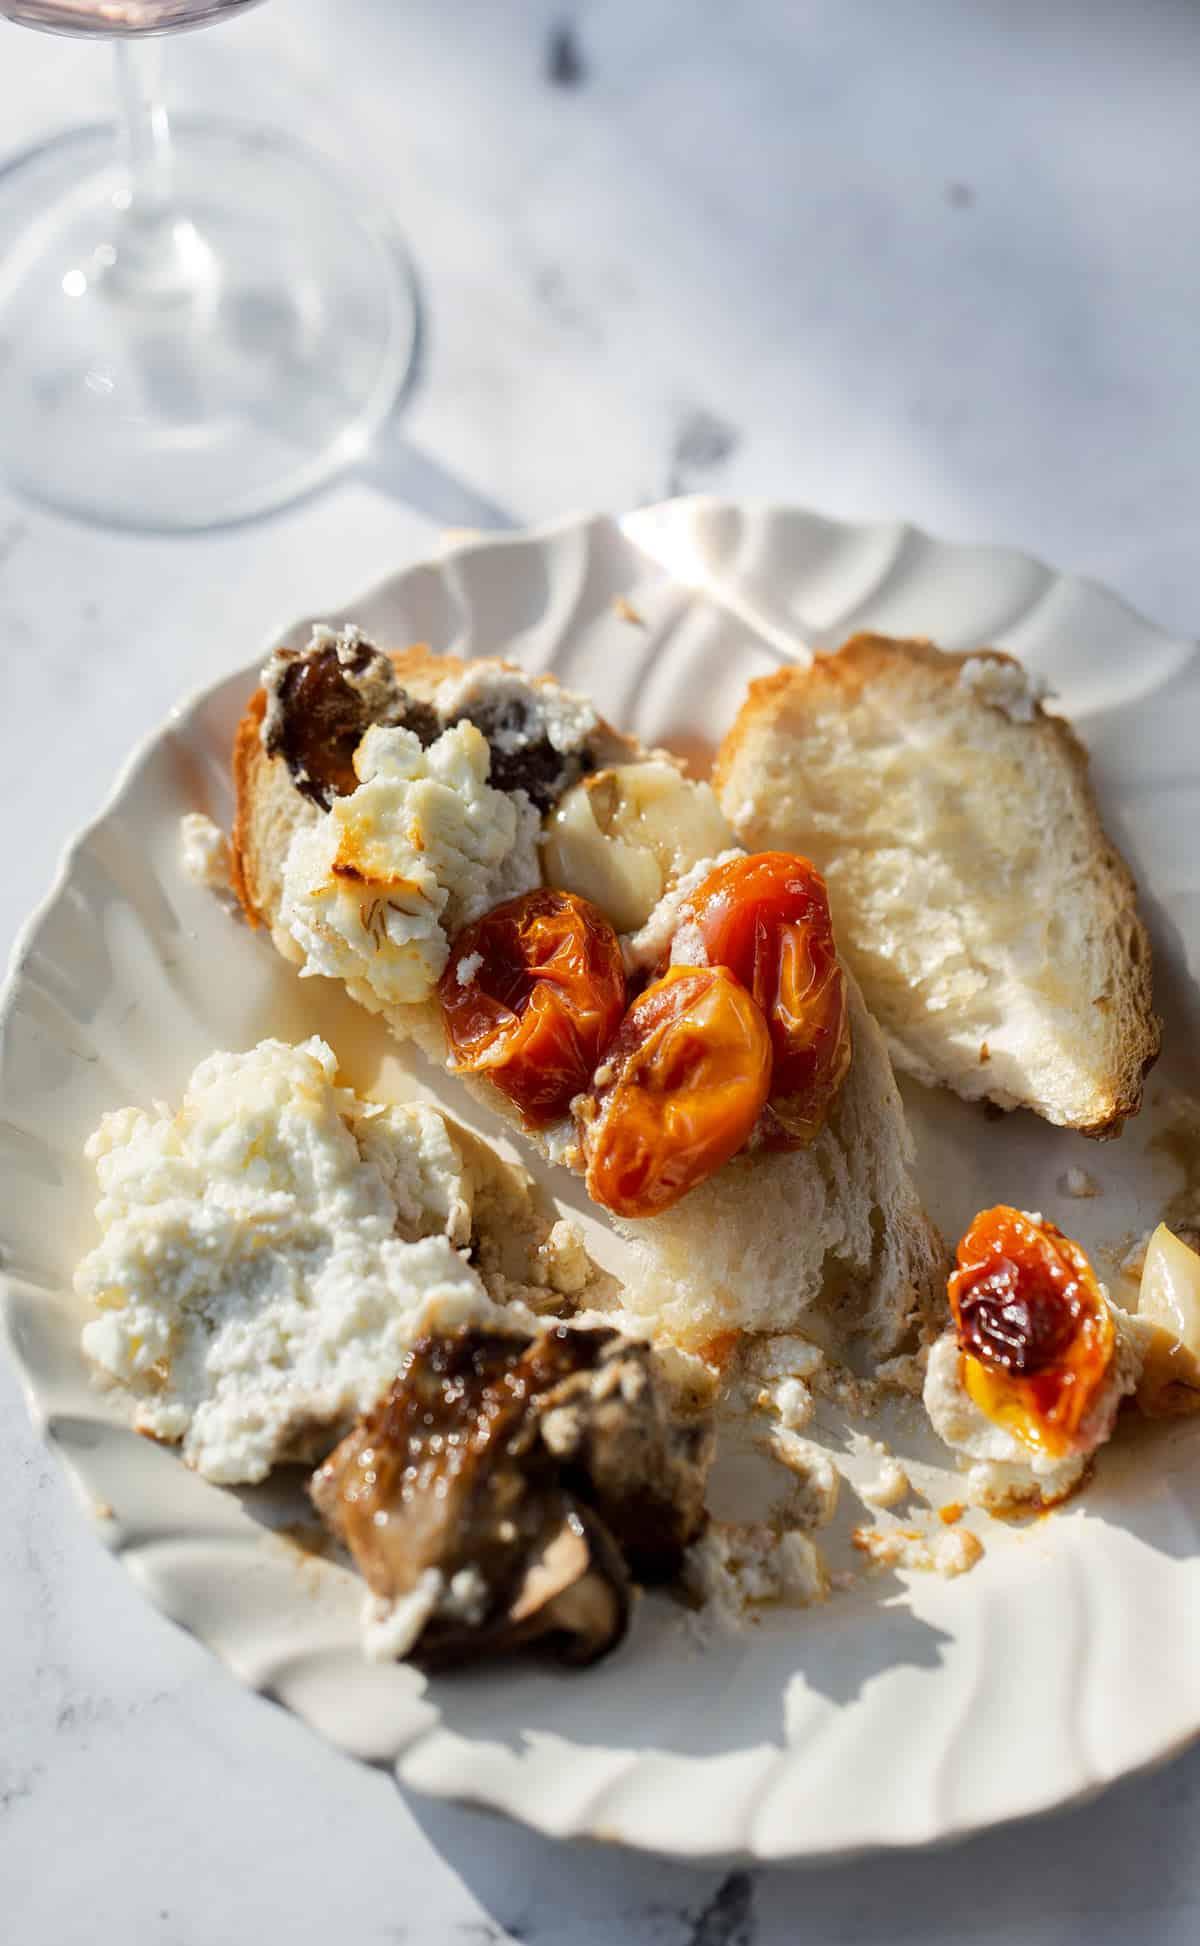 baked bruschetta with wine